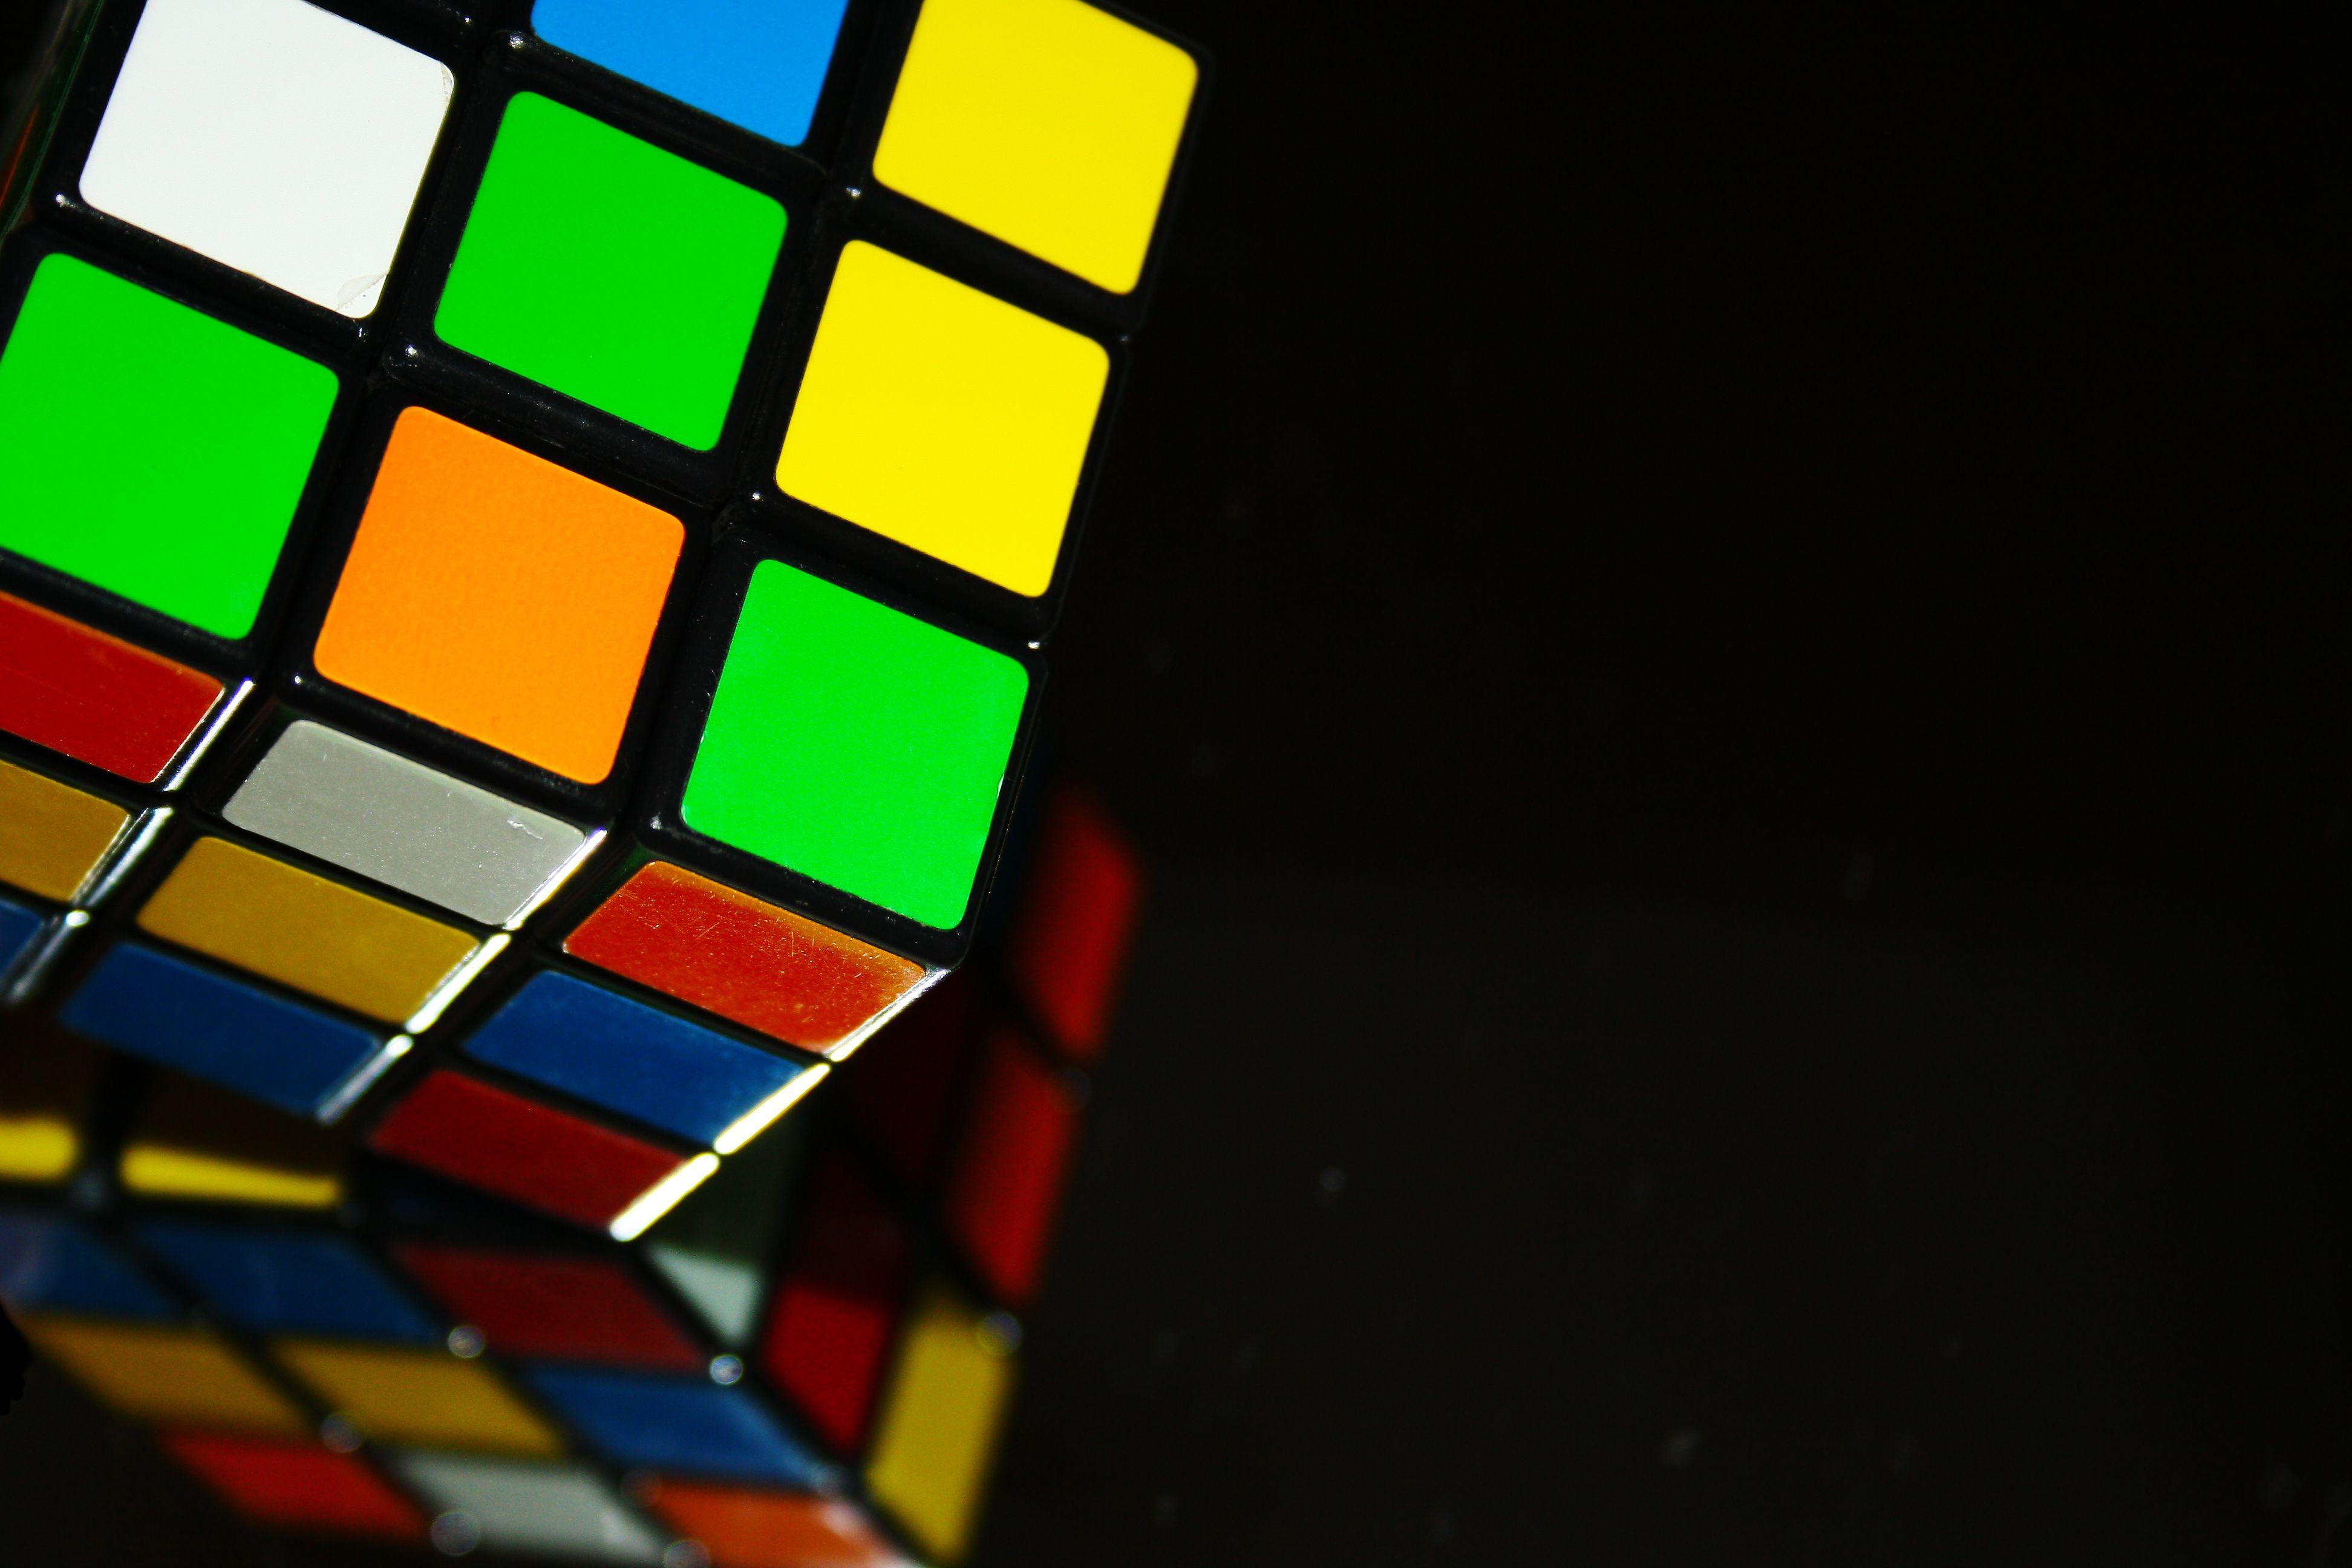 Cubo Rubik Wallpapers Wallpaper Cave